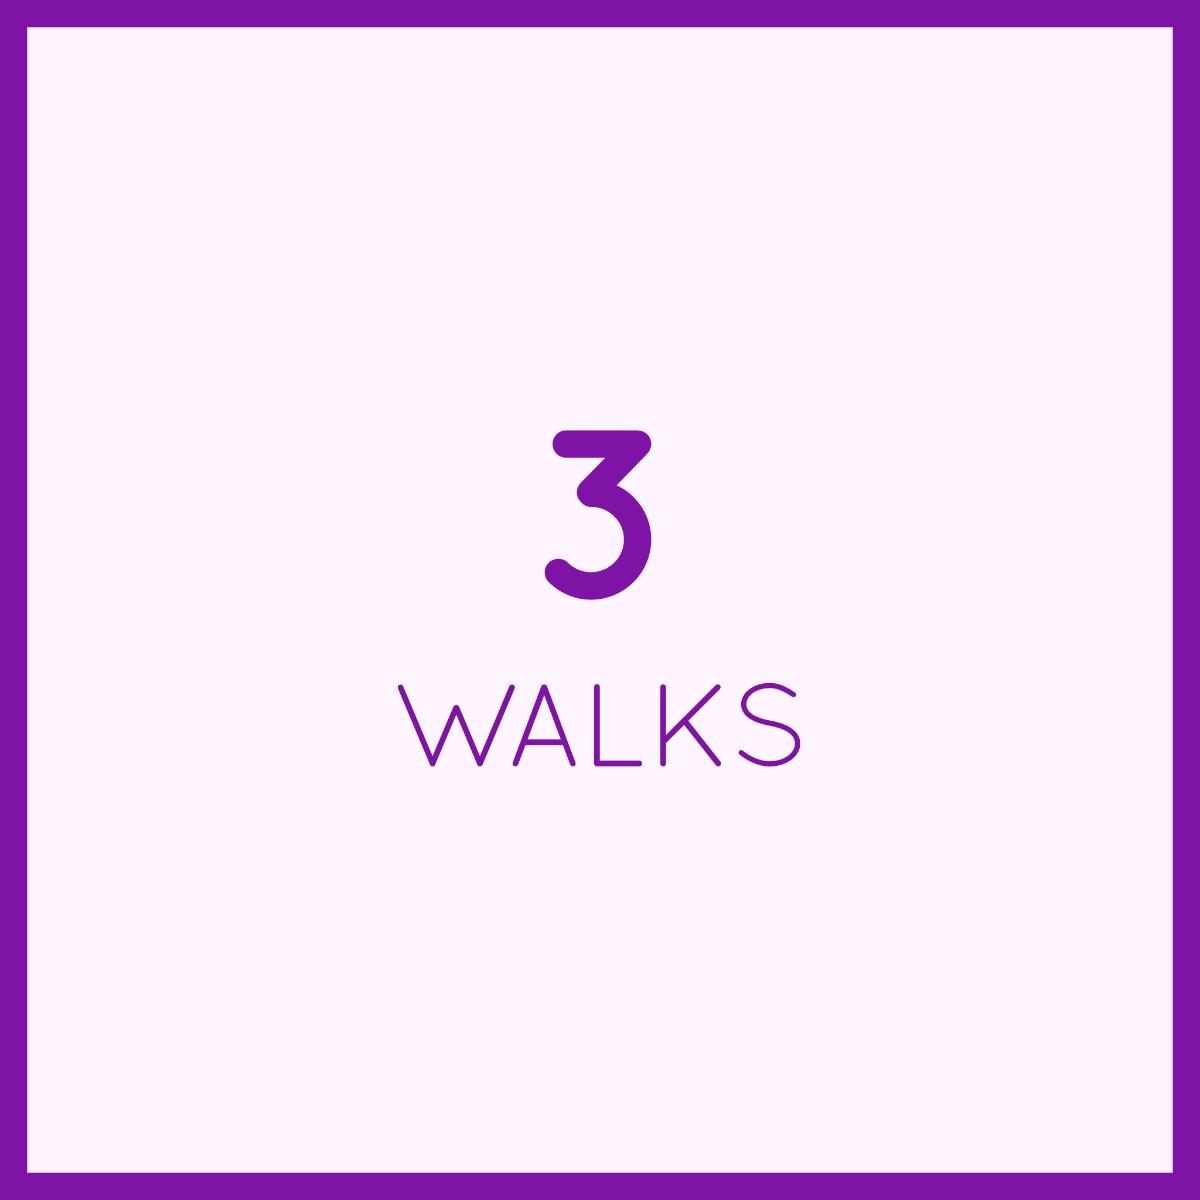 walks.png